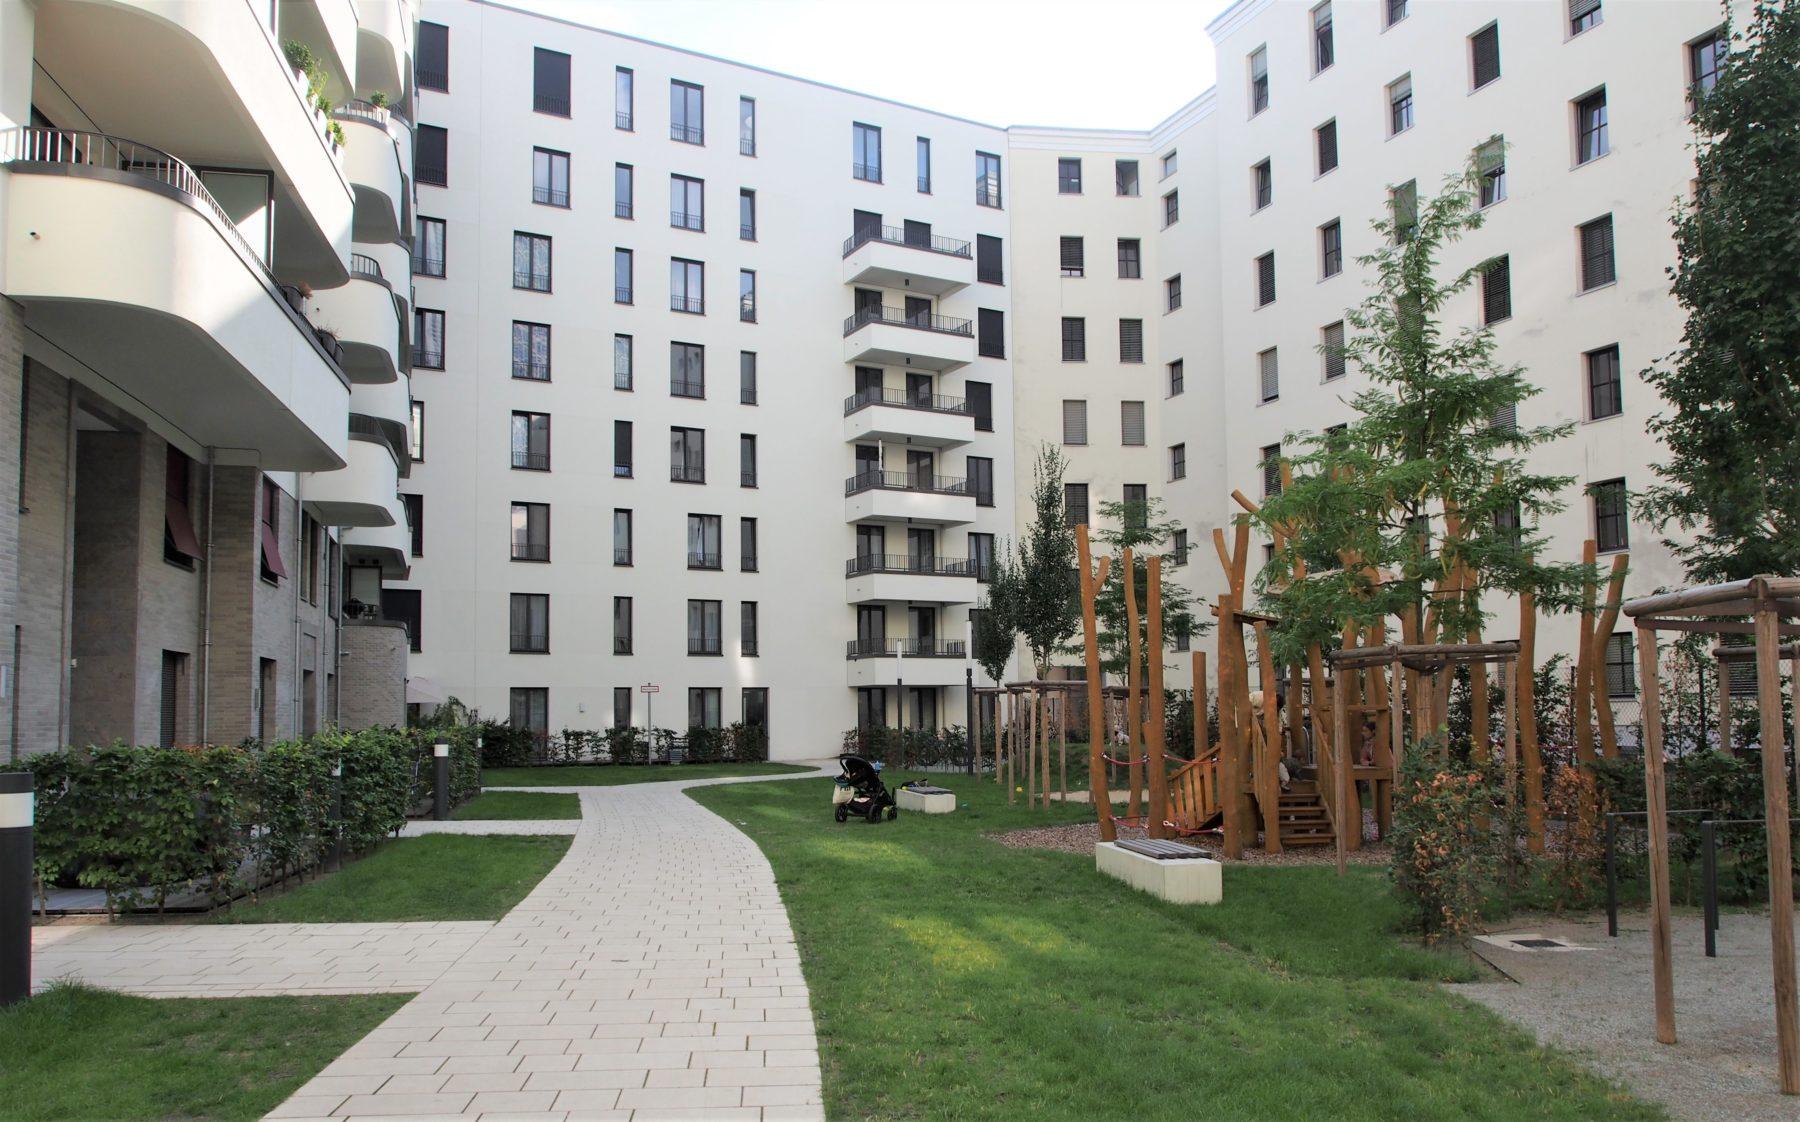 STrauma Landschaftsarchitektur Berlin landscape architects Beuthstrasse Berlin Spielplatz